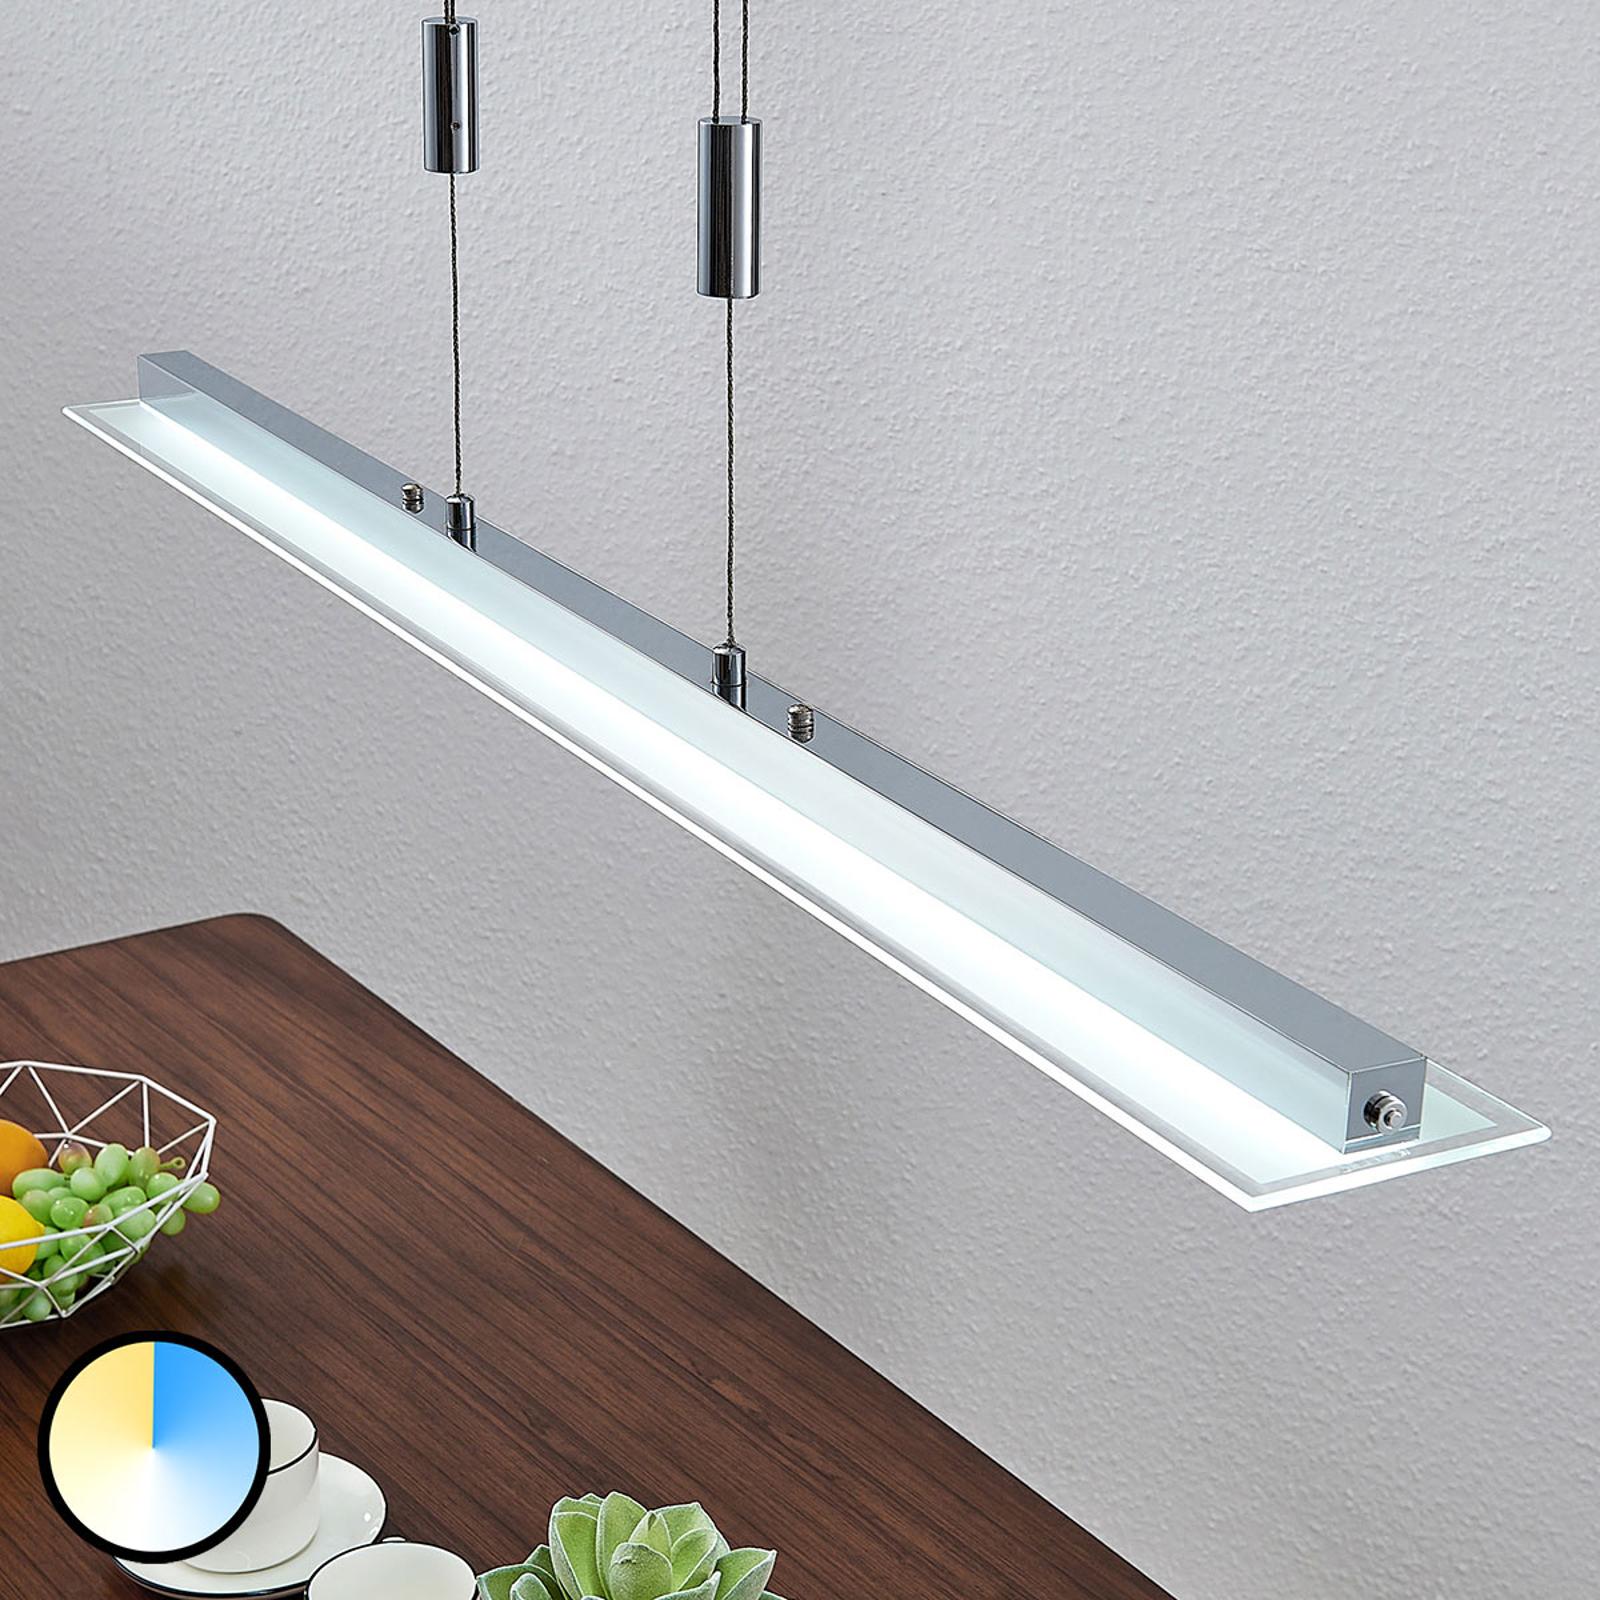 LED-hængelampe i bjælkeform Sladja, touchdæmper